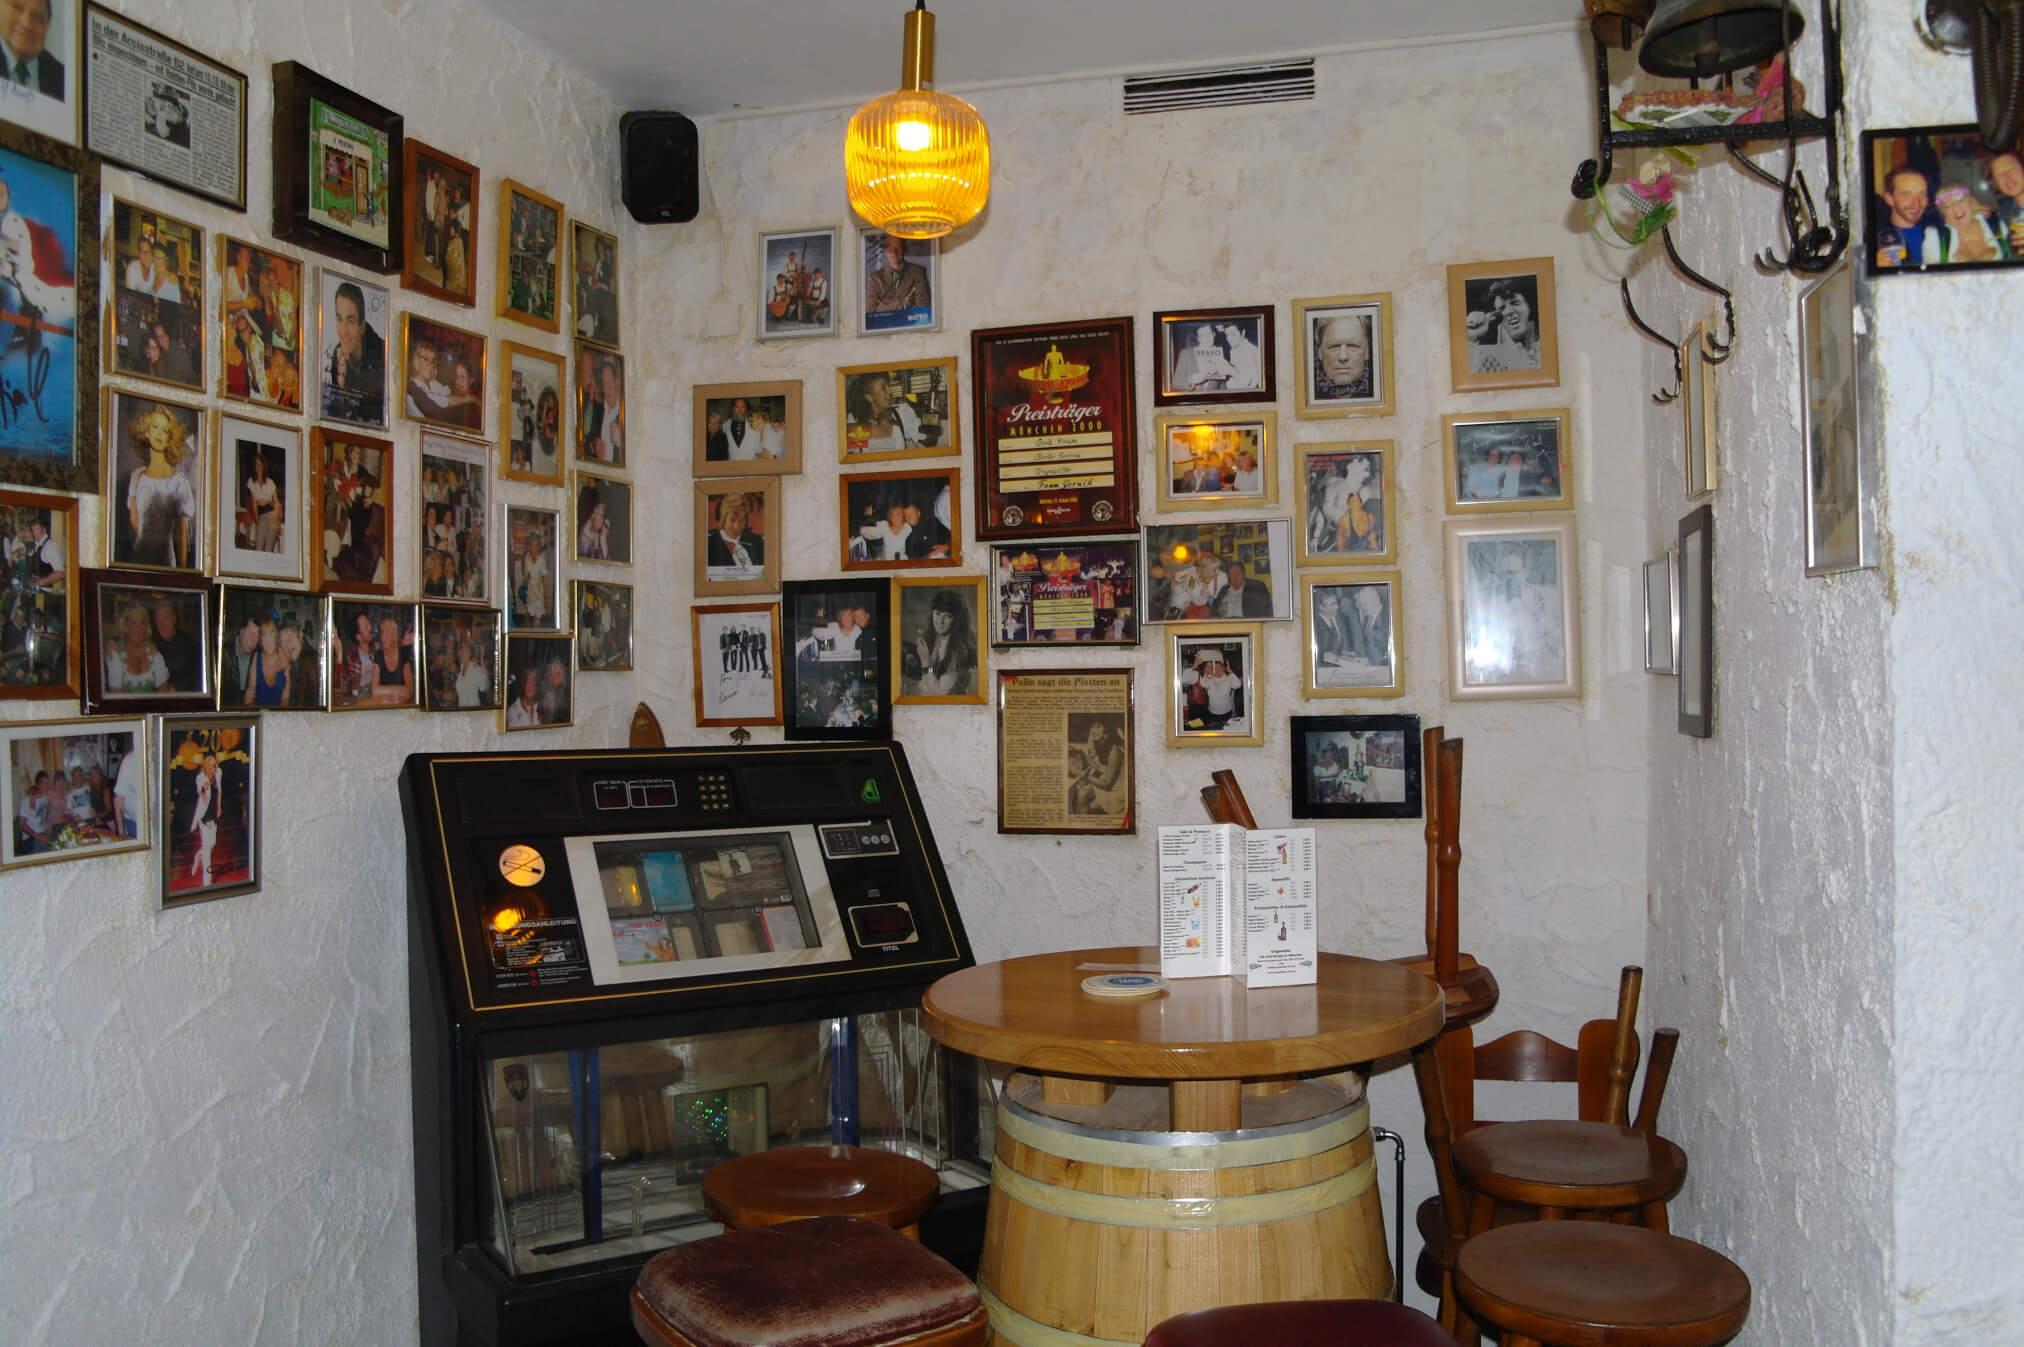 Die Ungewitter Bar blickt auf eine lange Geschichte zurück